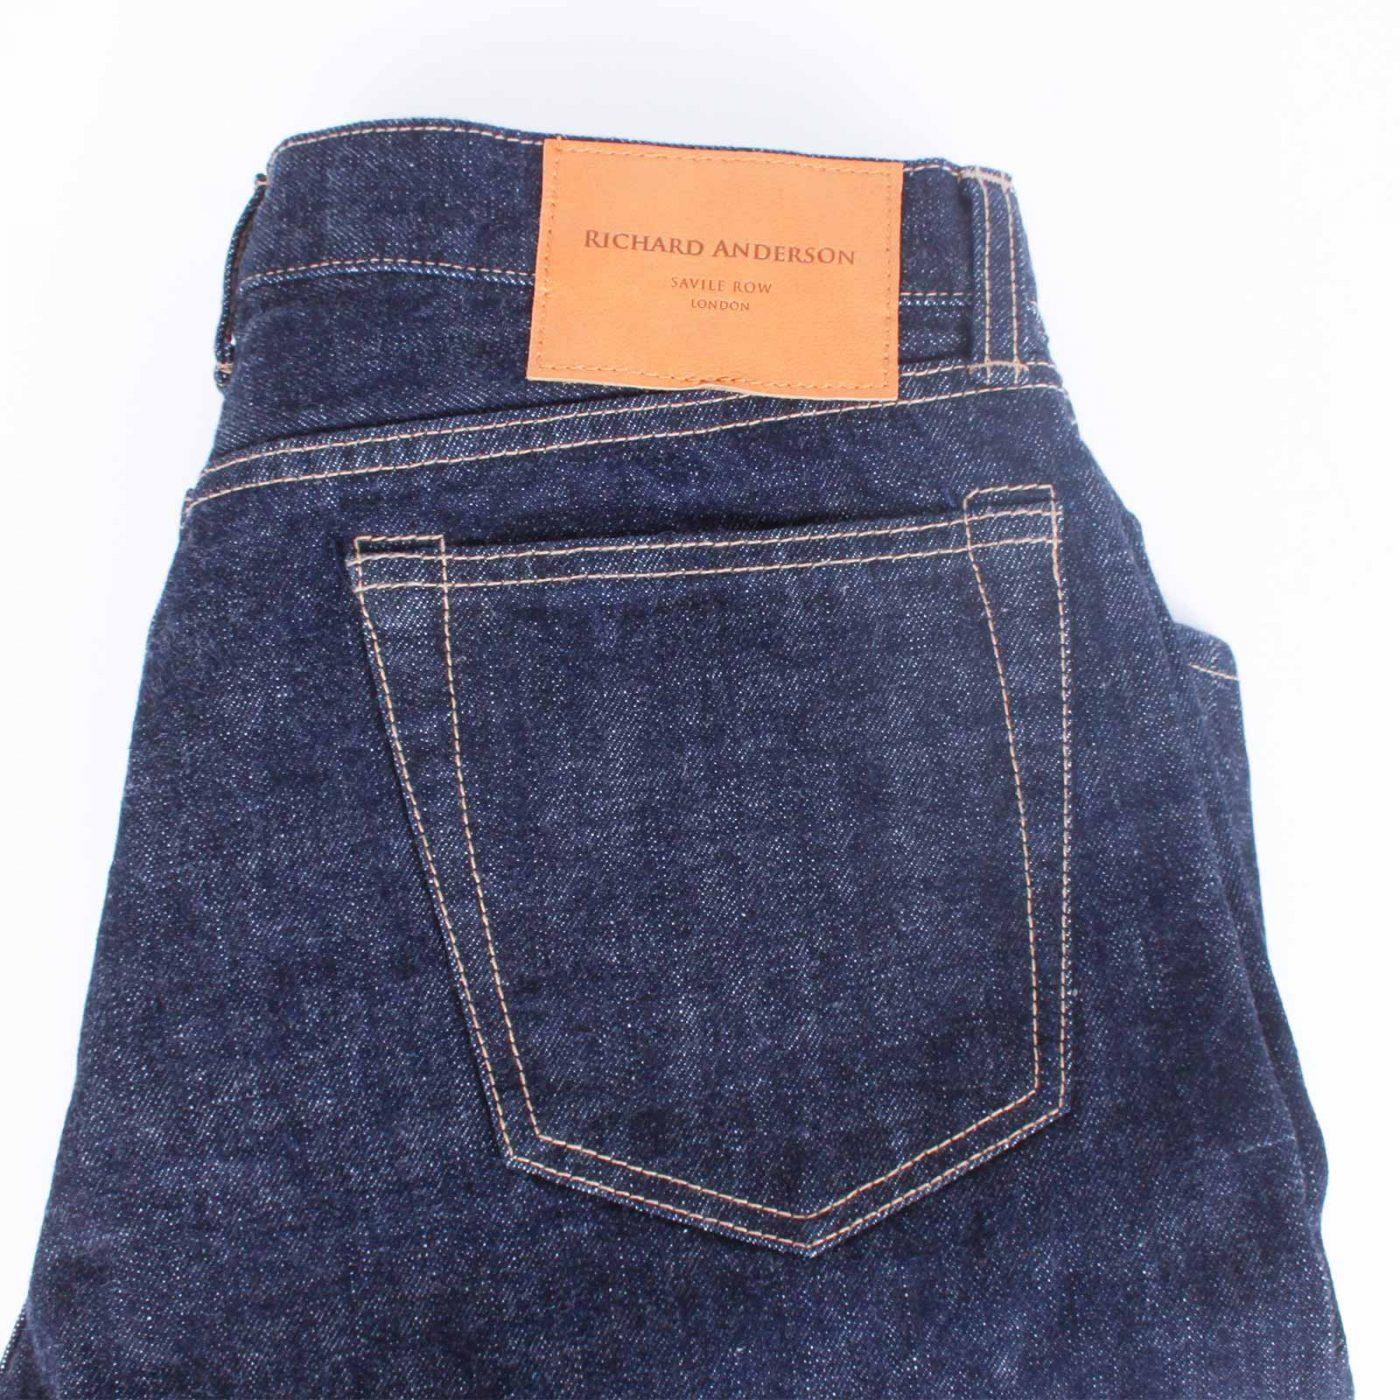 Kurashiki Japanese Denim Jeans